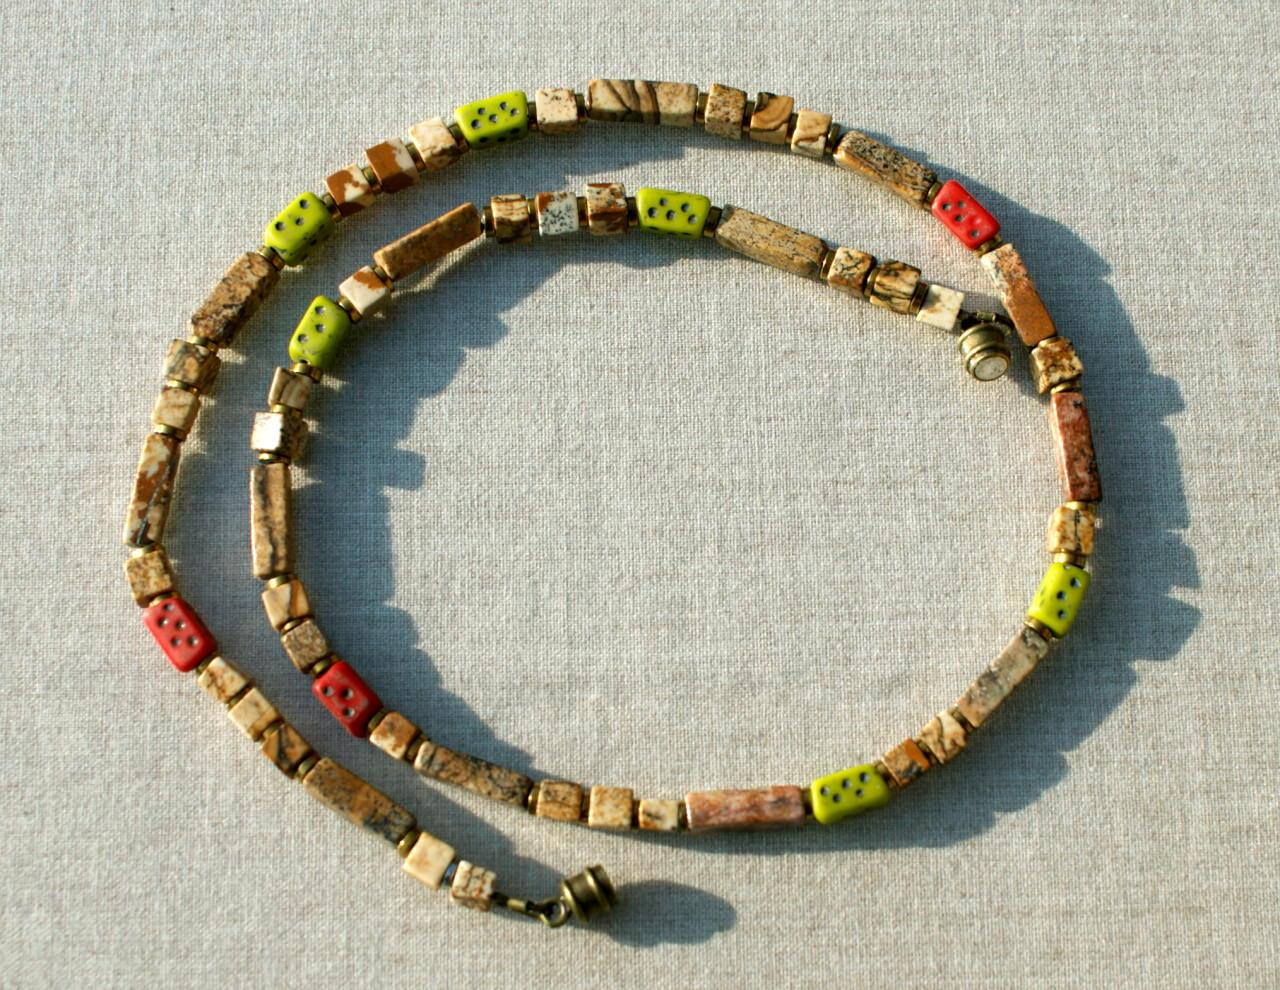 - schmale Kette mit Jaspis und afrikanischen Perlen - schmale Kette mit Jaspis und afrikanischen Perlen